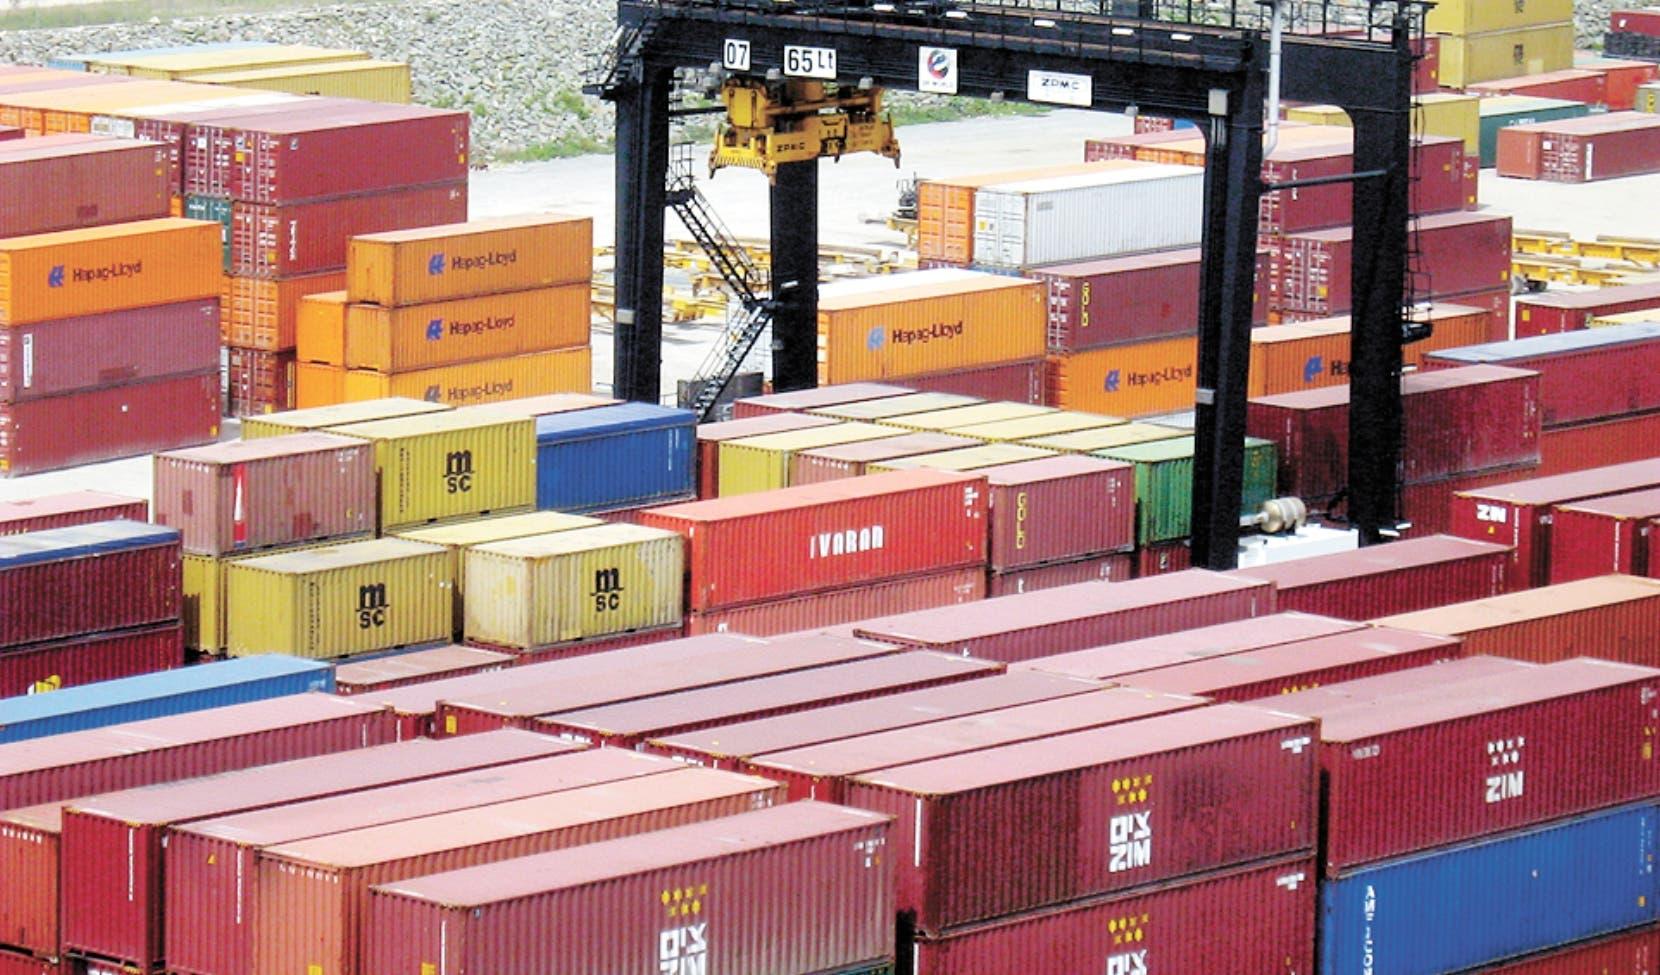 República Dominicana no ha sacado la sufciente ventaja al acuerdo de Libre Comercio con EU y Cenetroamérica.  Archivo.